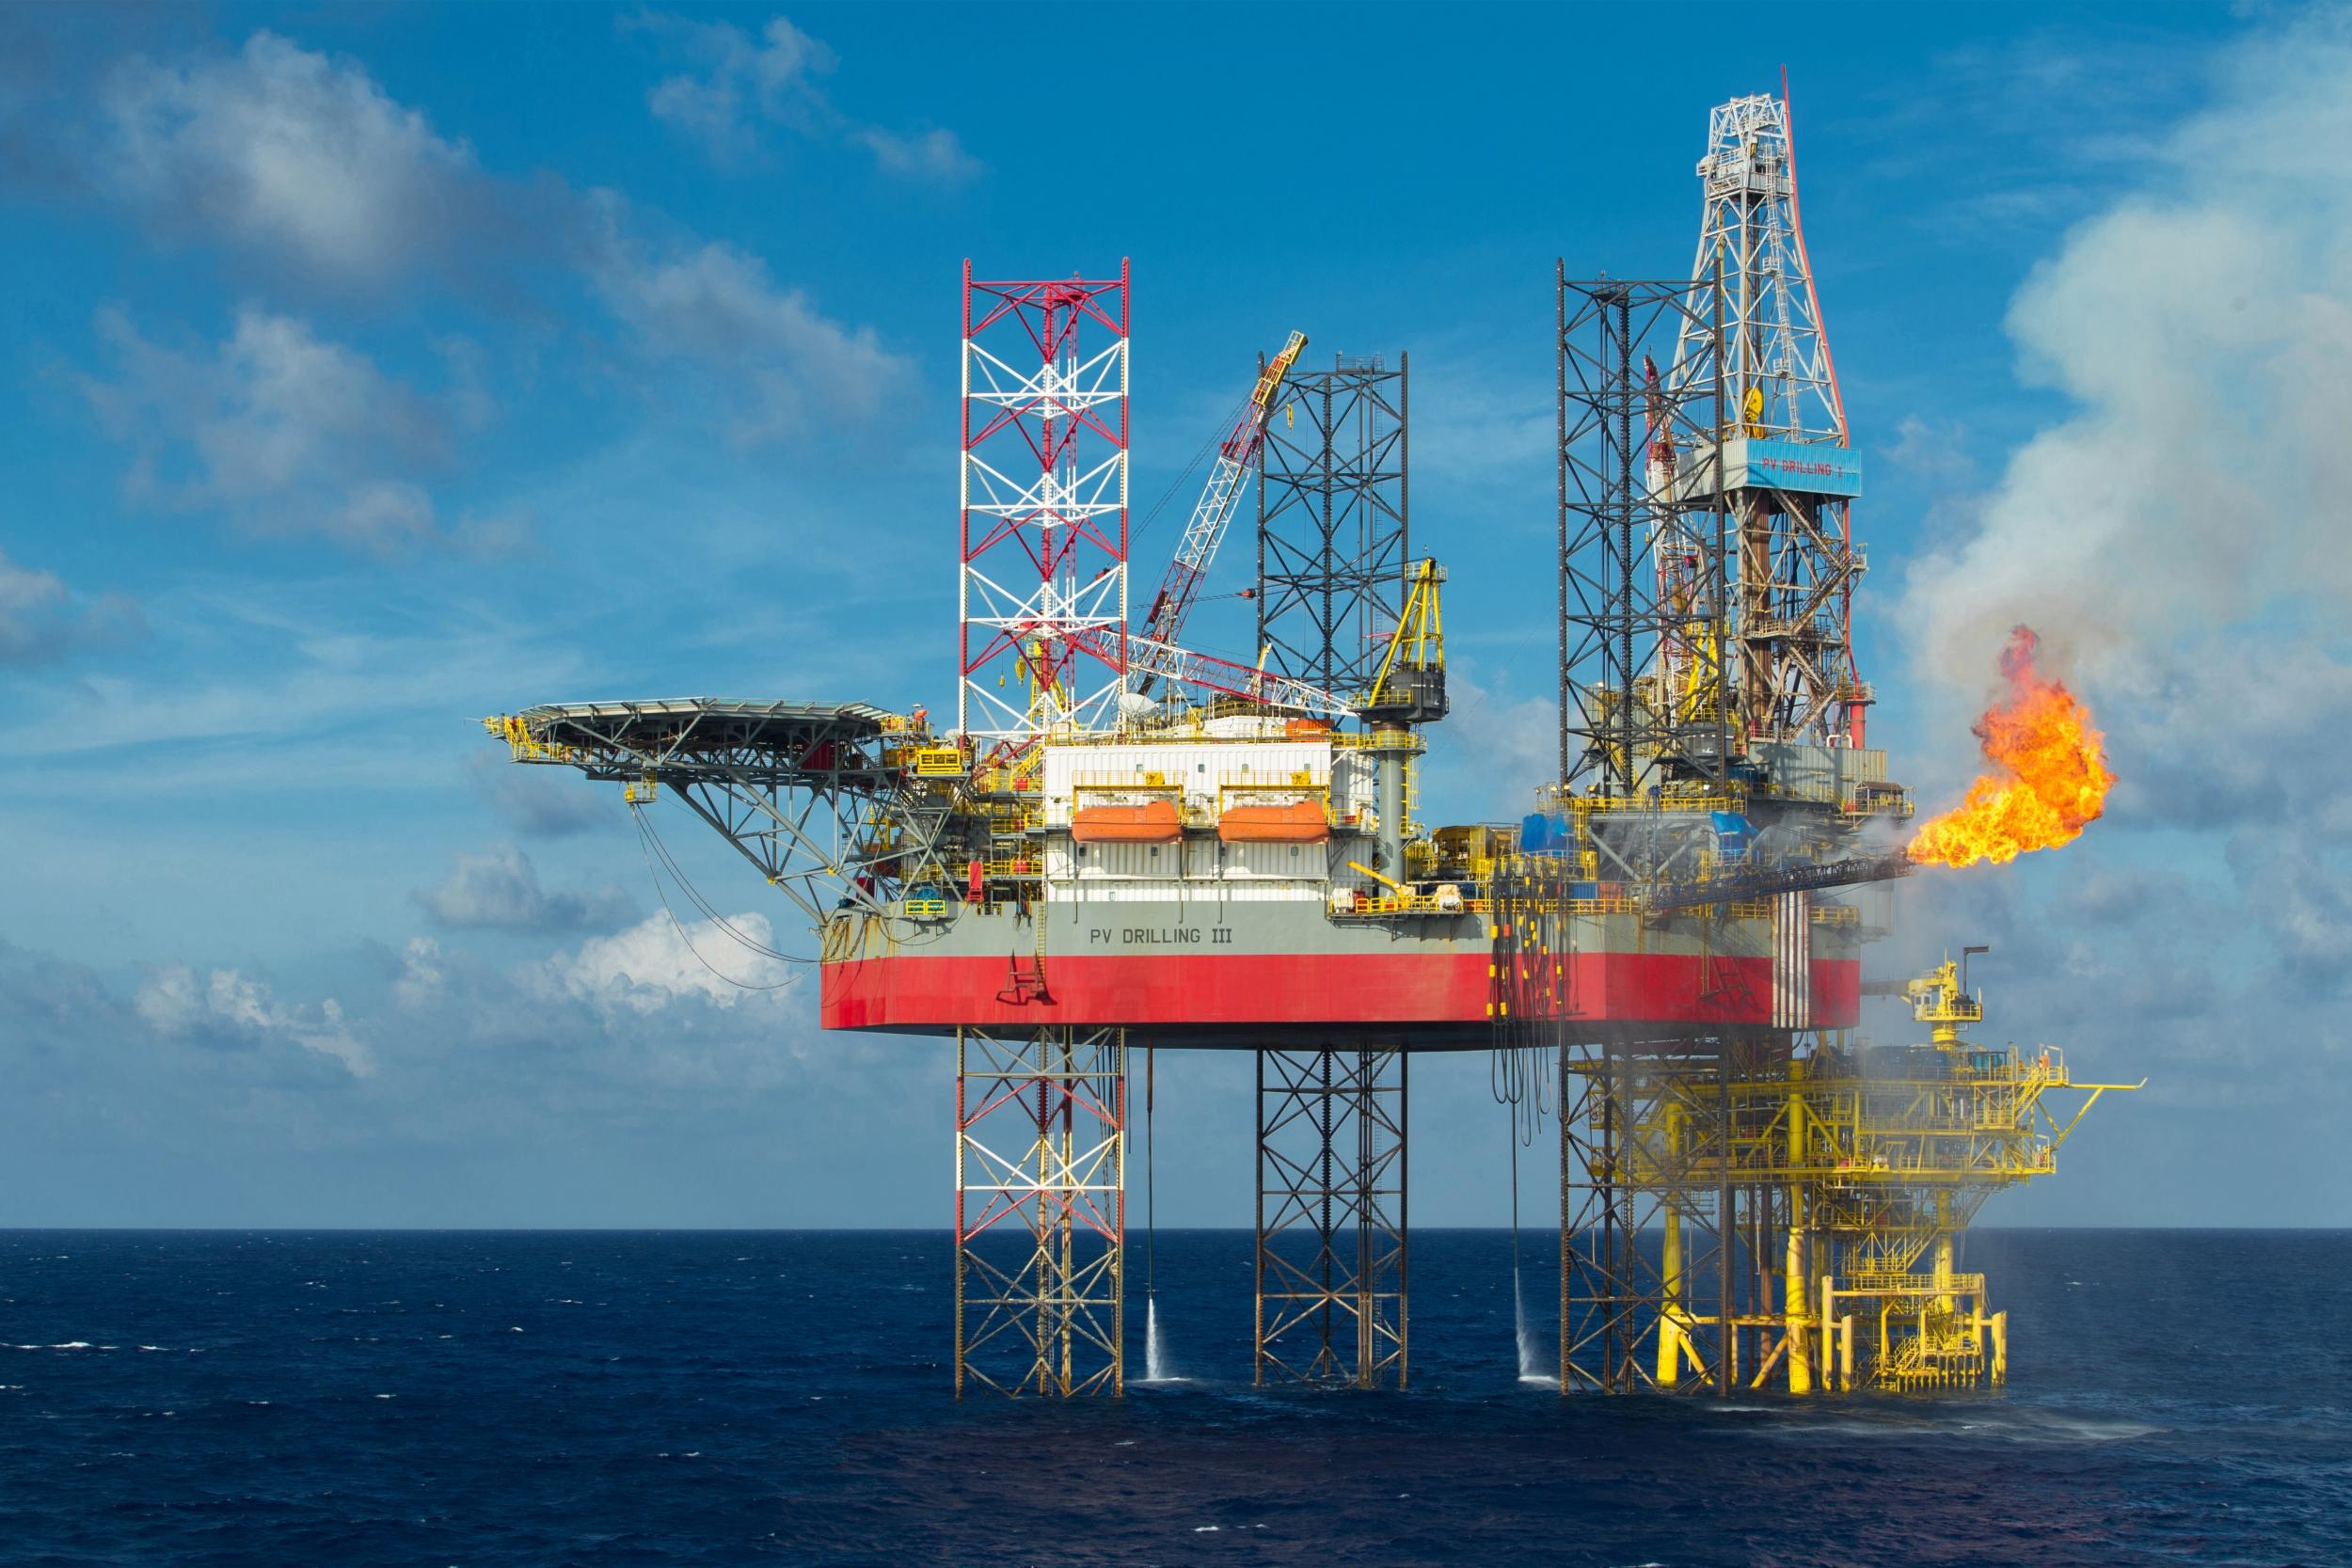 """PV Drilling ký hợp đồng cung cấp giàn khoan PV DRILLING III"""""""